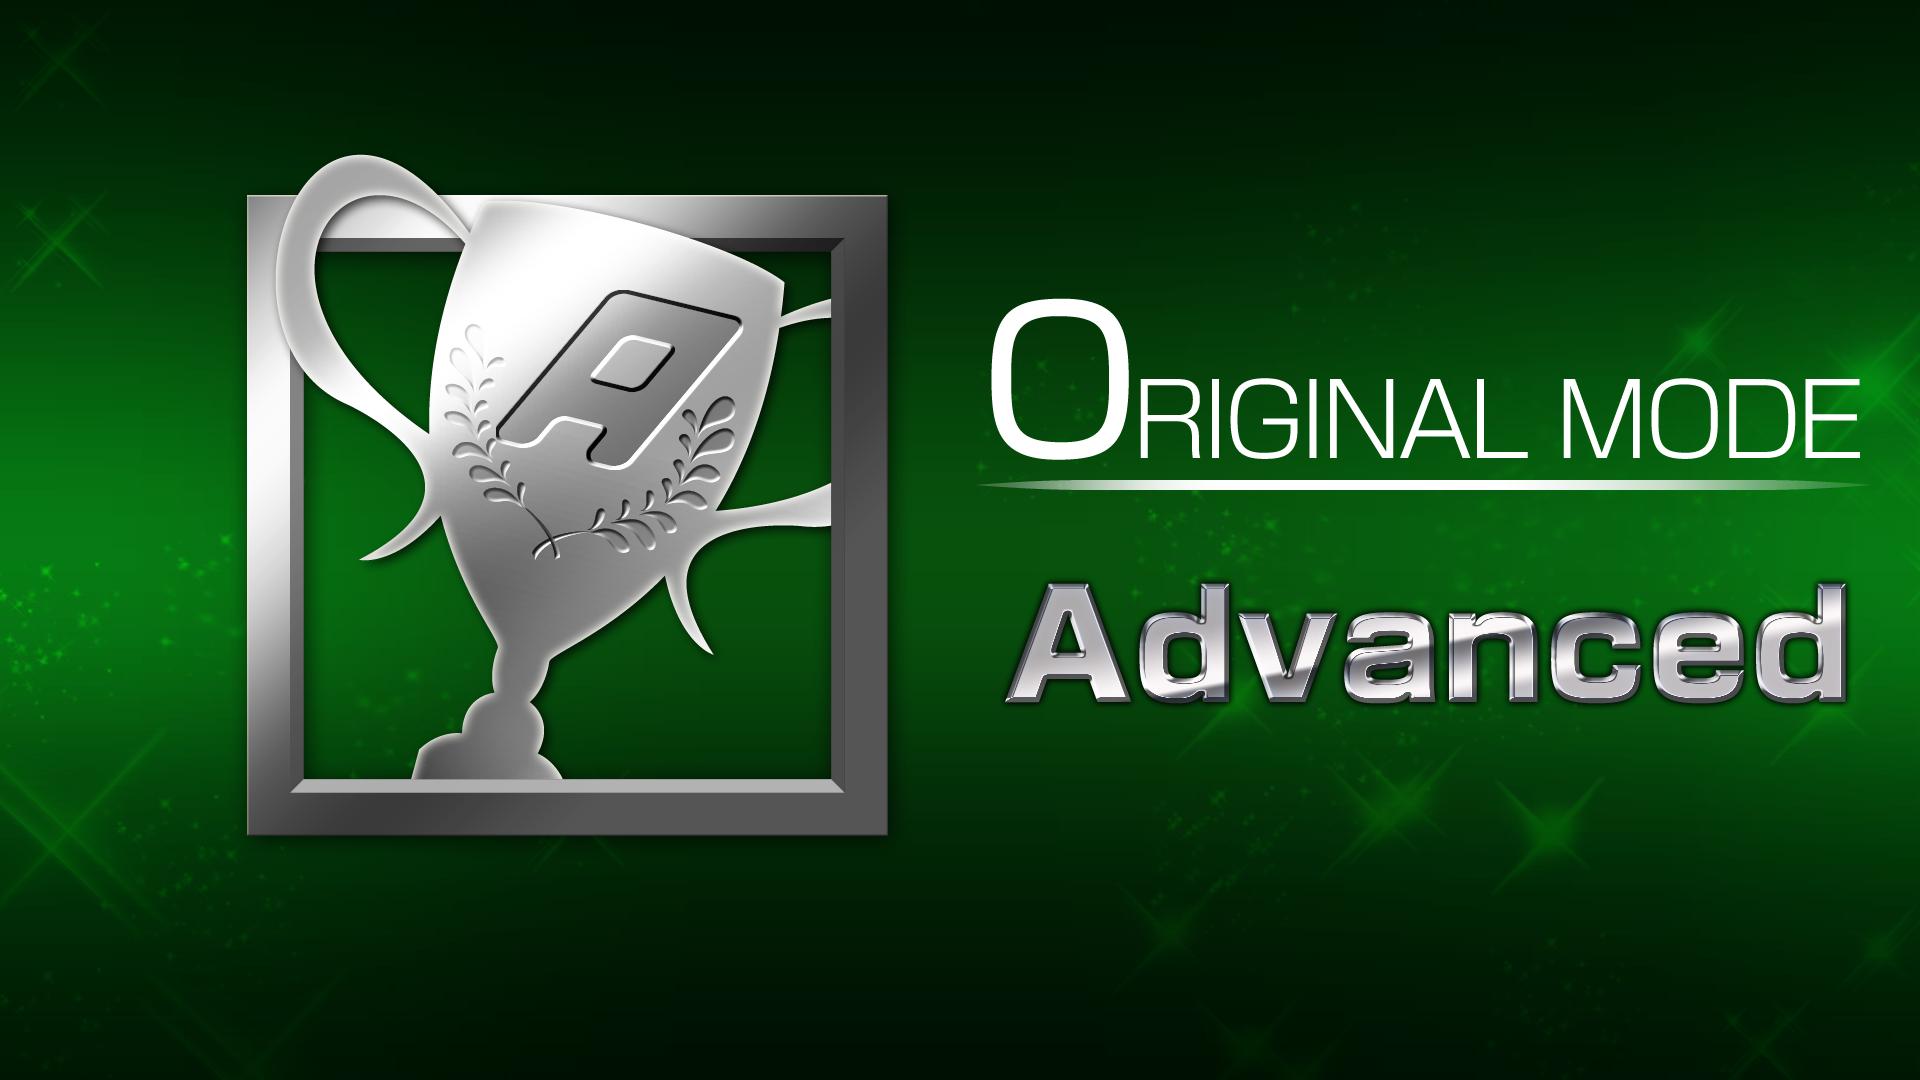 Icon for ORIGINAL MODE 4 win(s)